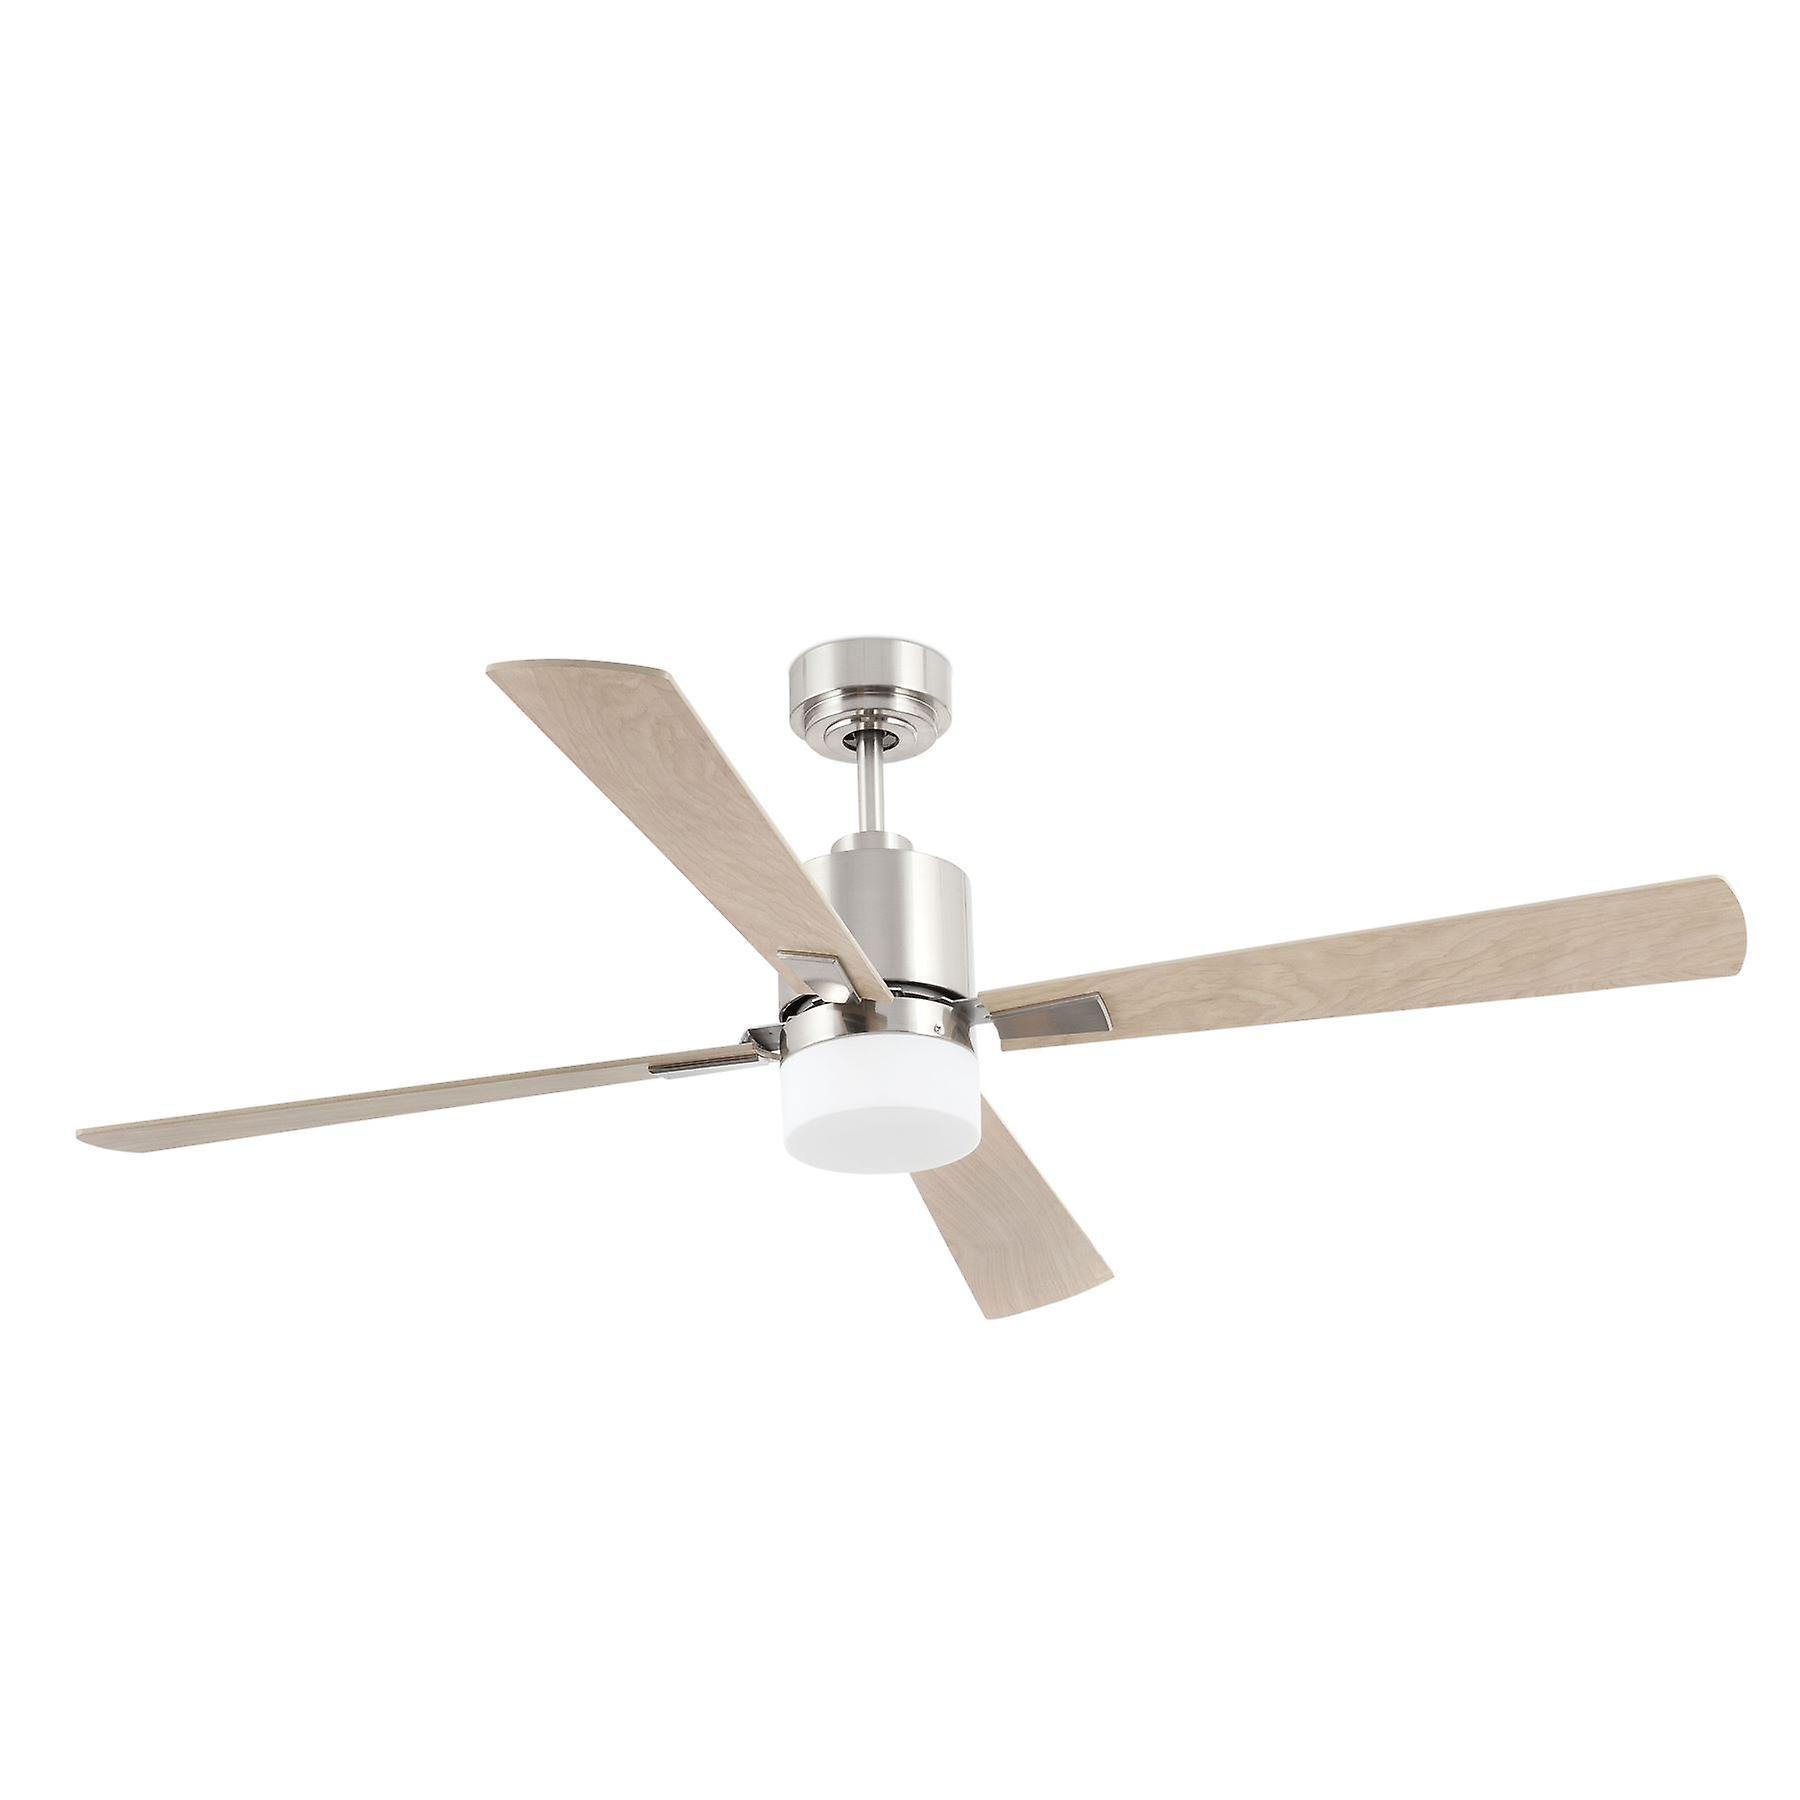 Faro - Palk grand Matt Nickel Ceiling Fan With lumière FARO33470